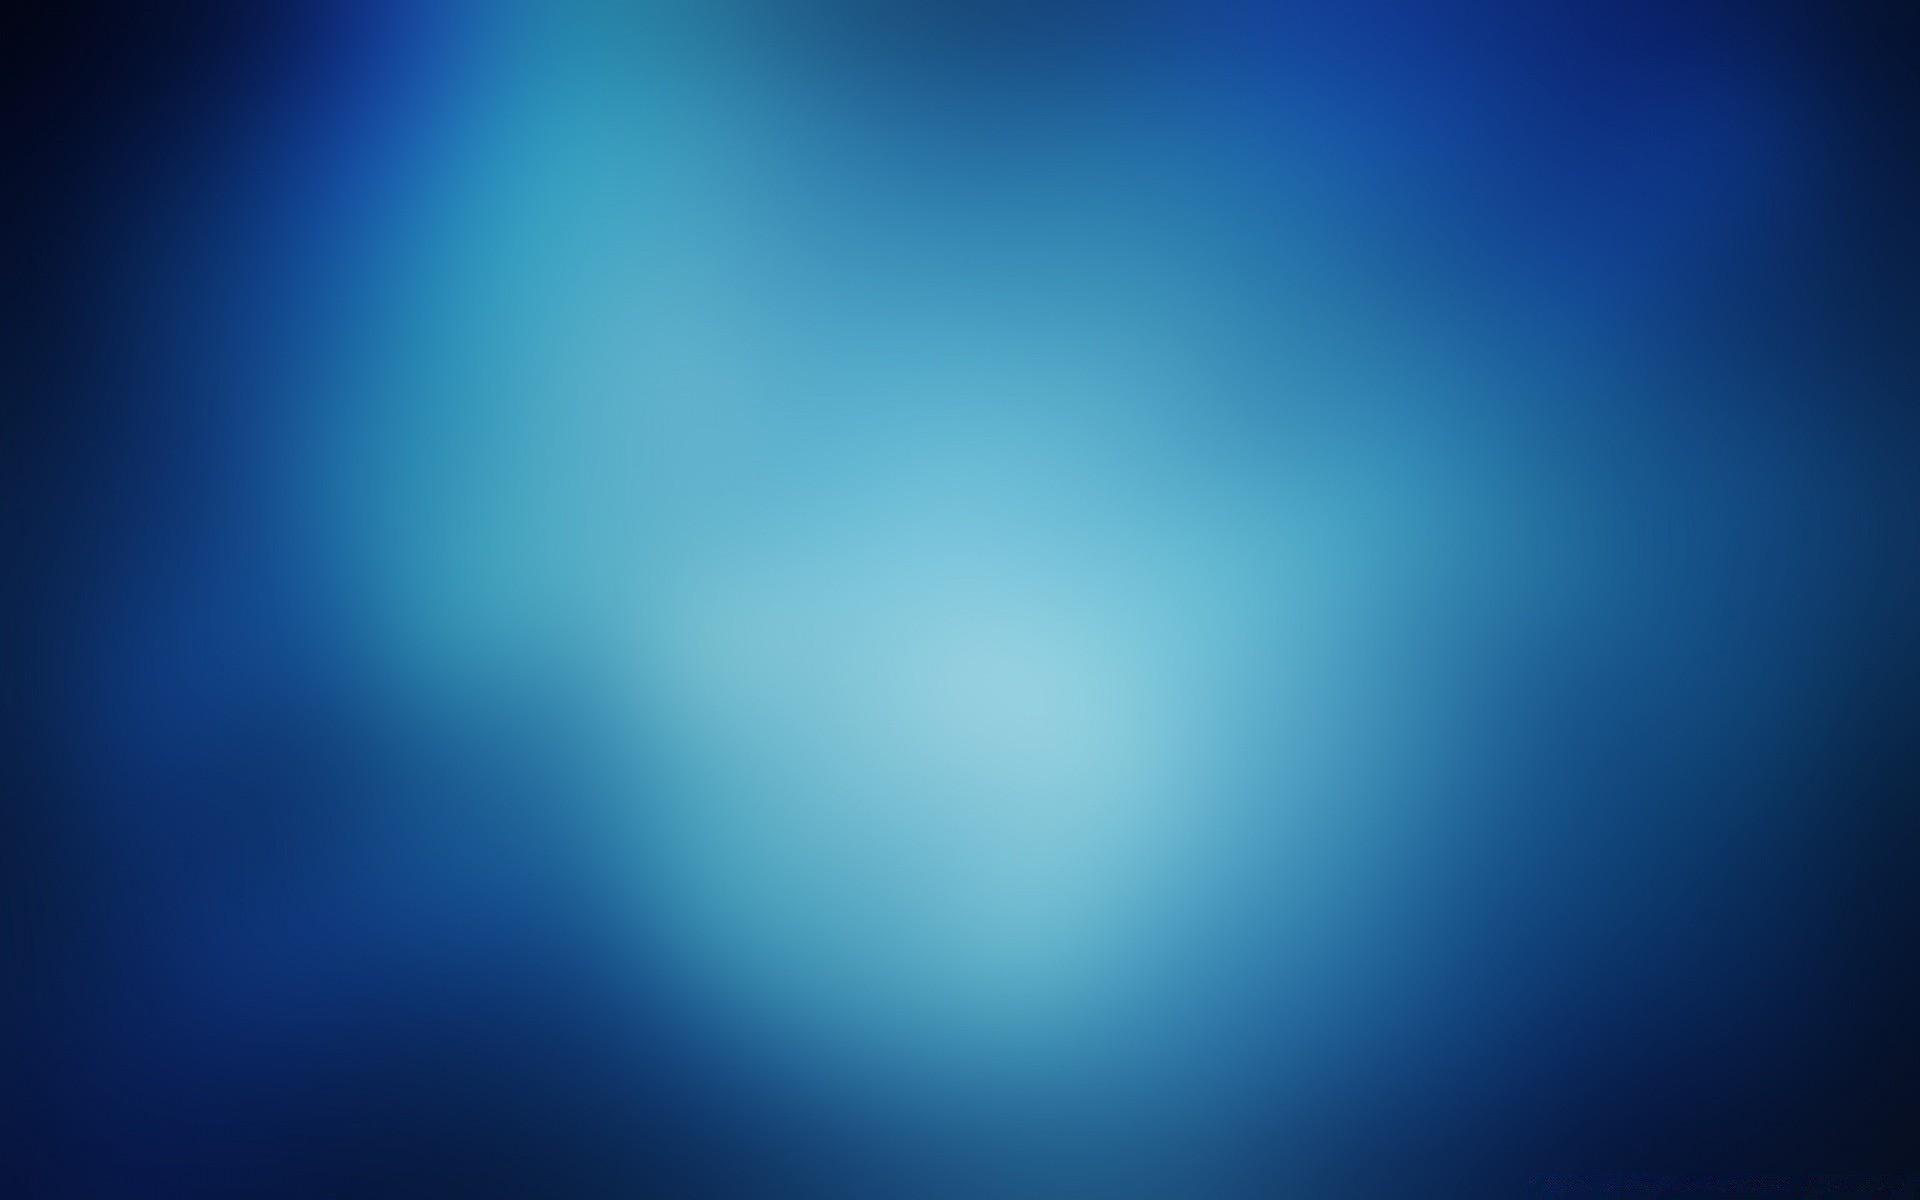 Обои кривая, свет, голубой, дуга, синий. Абстракции foto 13